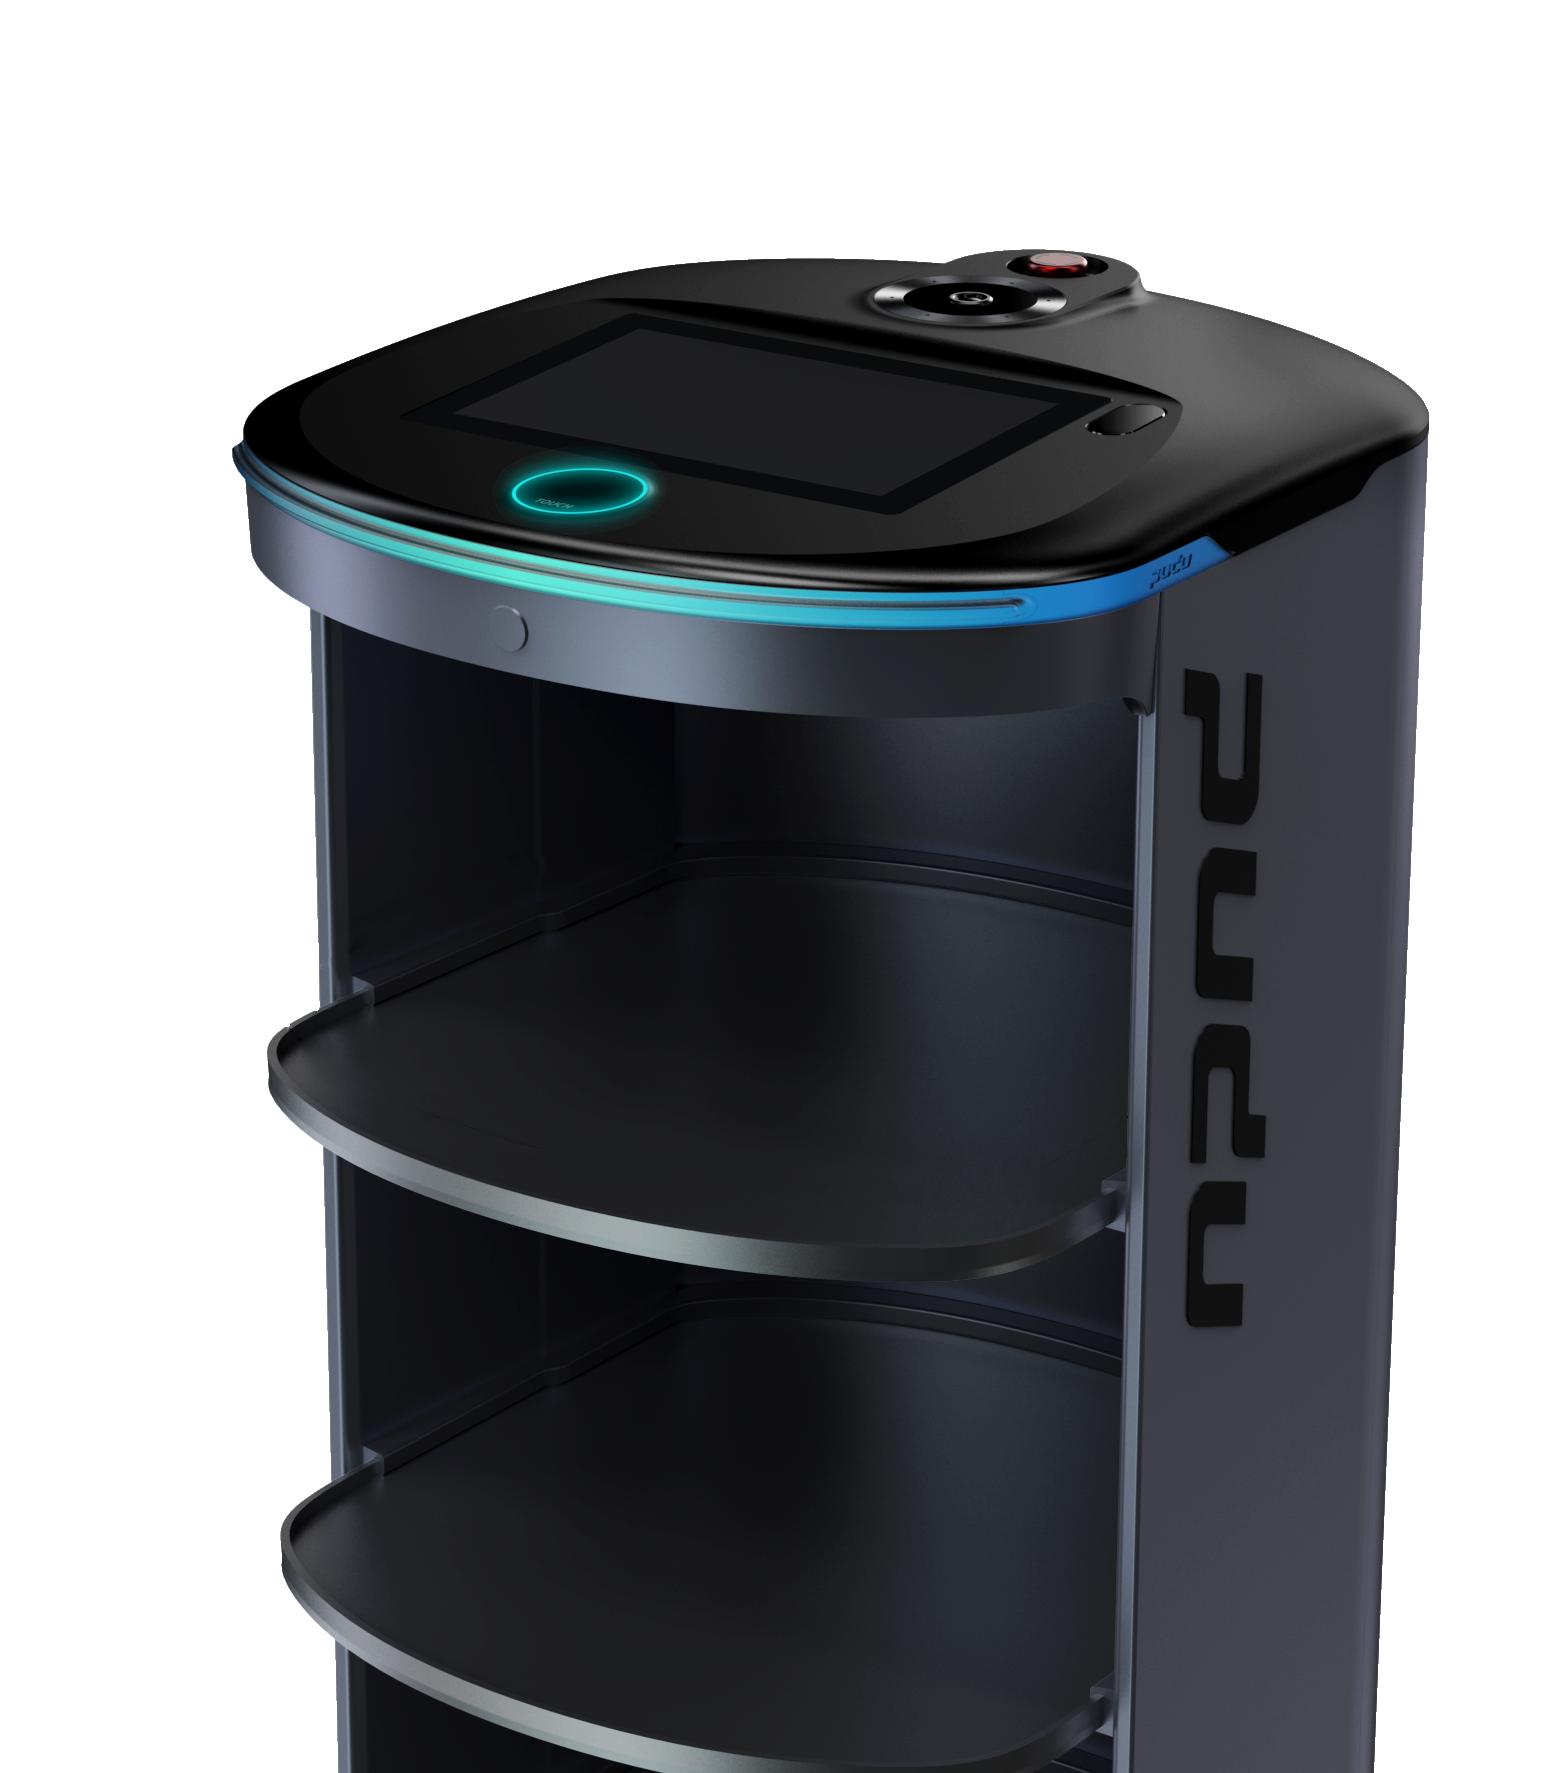 หุ่นยนต์เก็บจาน HolaBOT